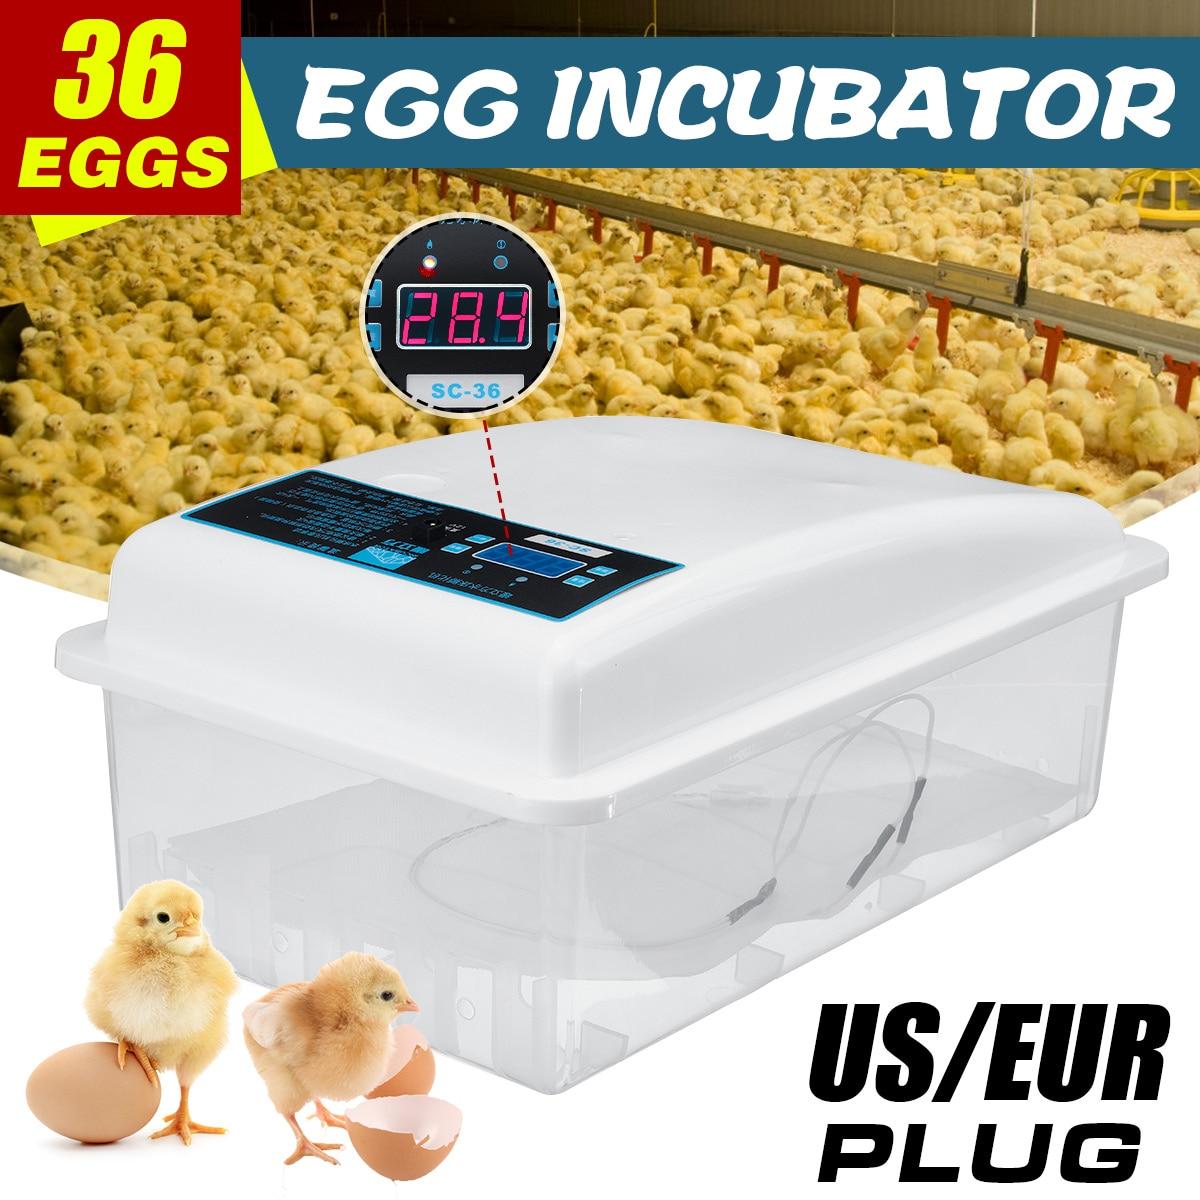 Automatic Digital 36 Eggs Turning Incubators Chicken Chick Farm Hatcher Temperature Control  For Chicken Eggs Incubator